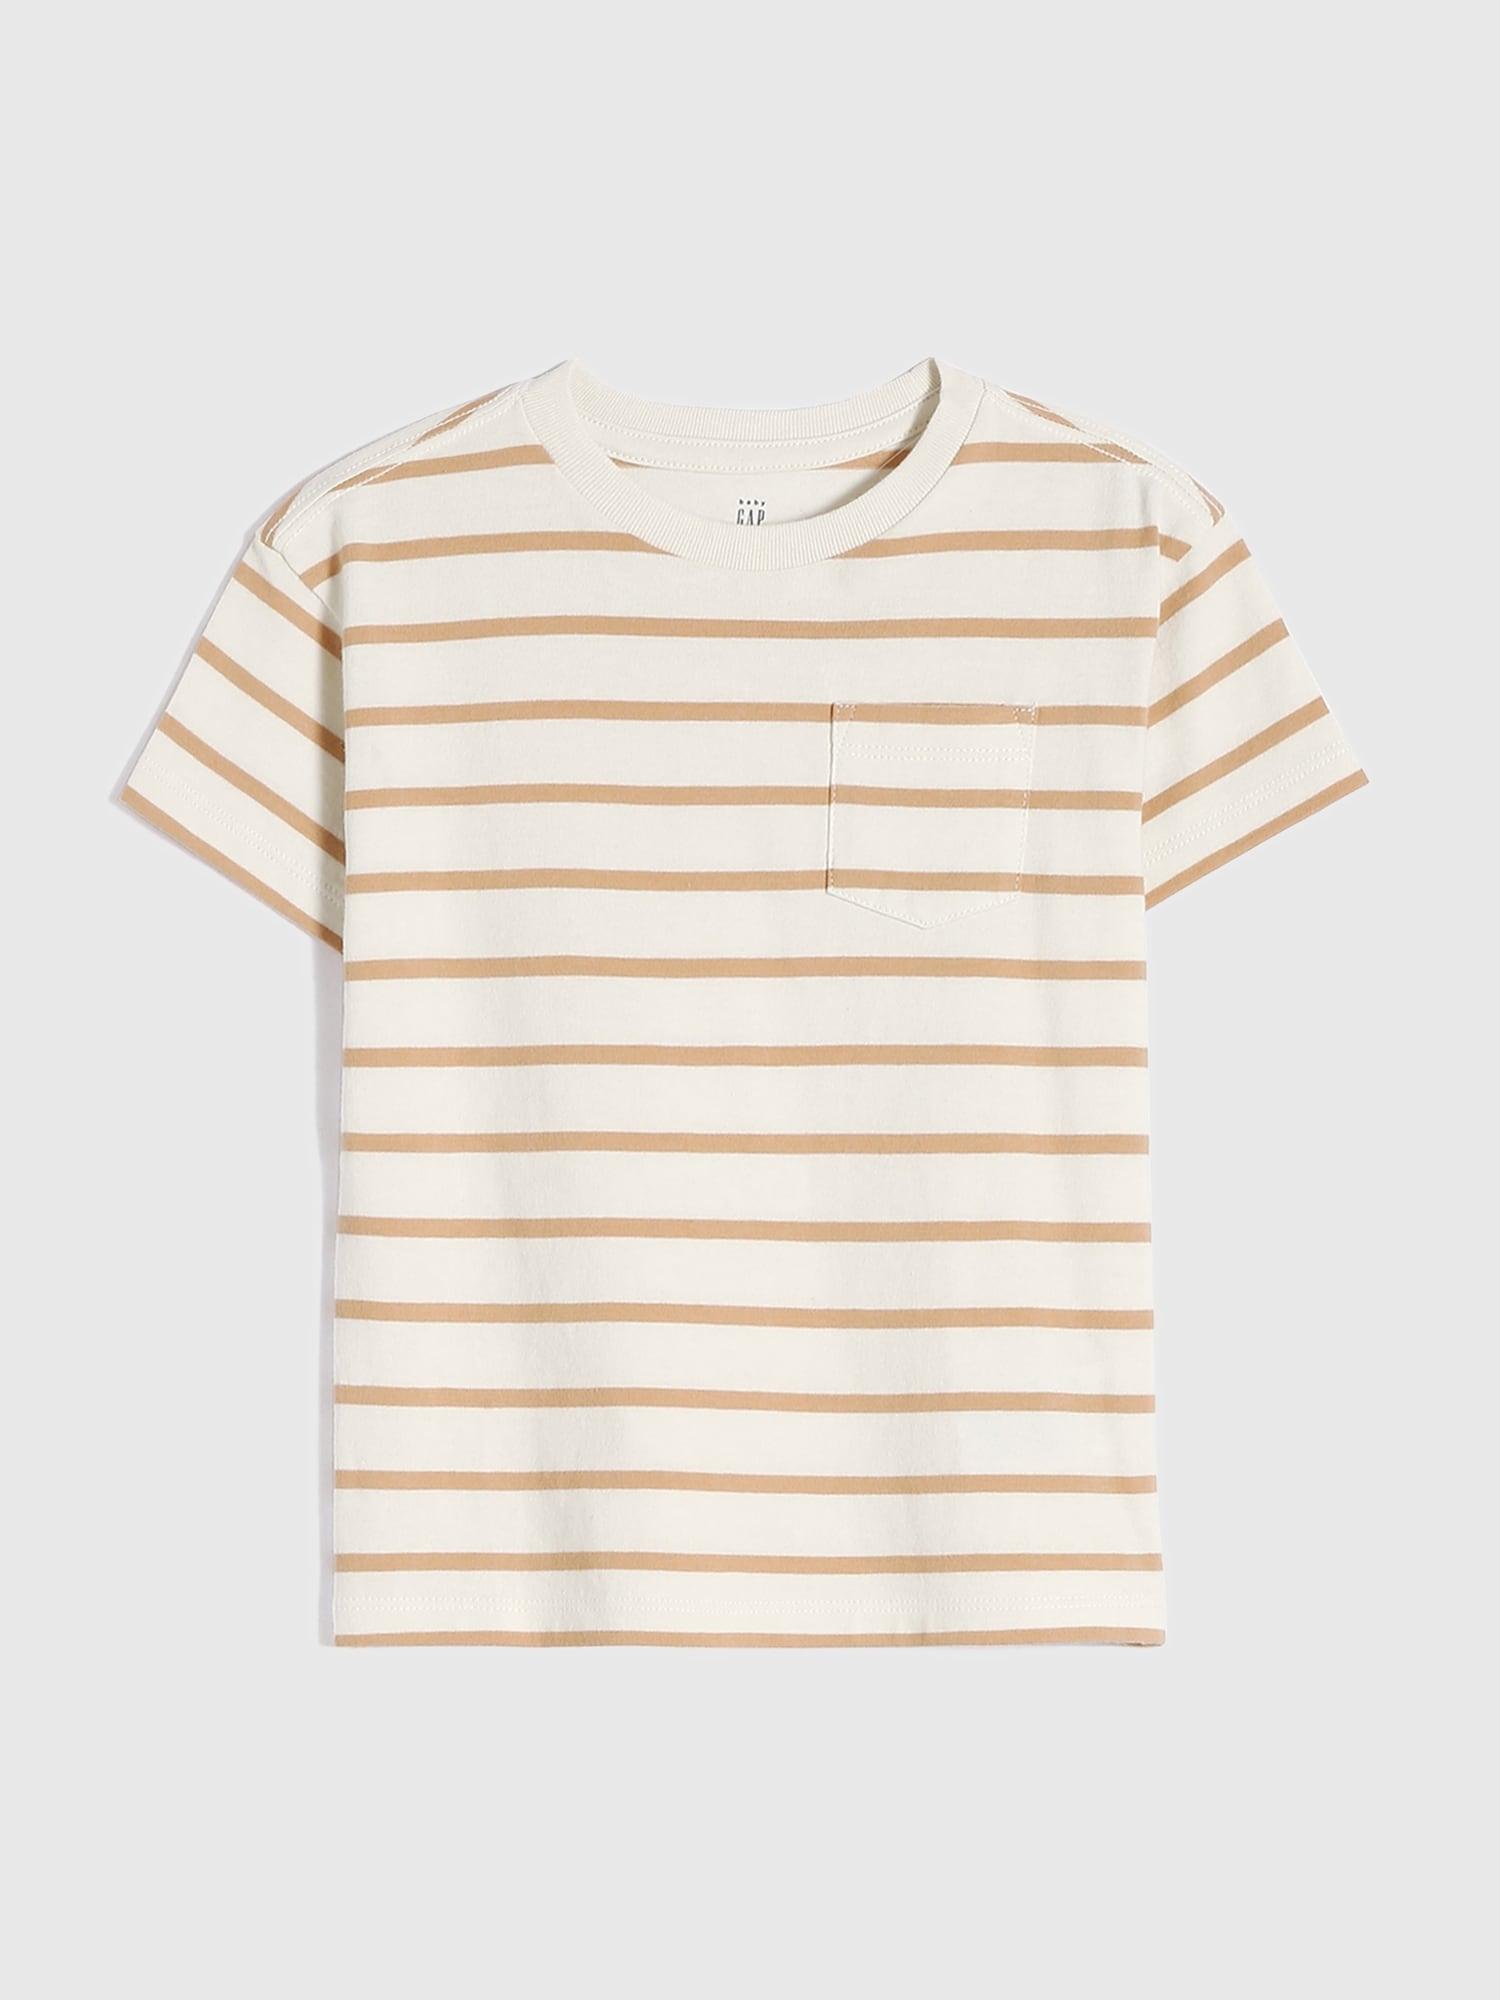 ソフト クルーネックtシャツ (幼児・ユニセックス)